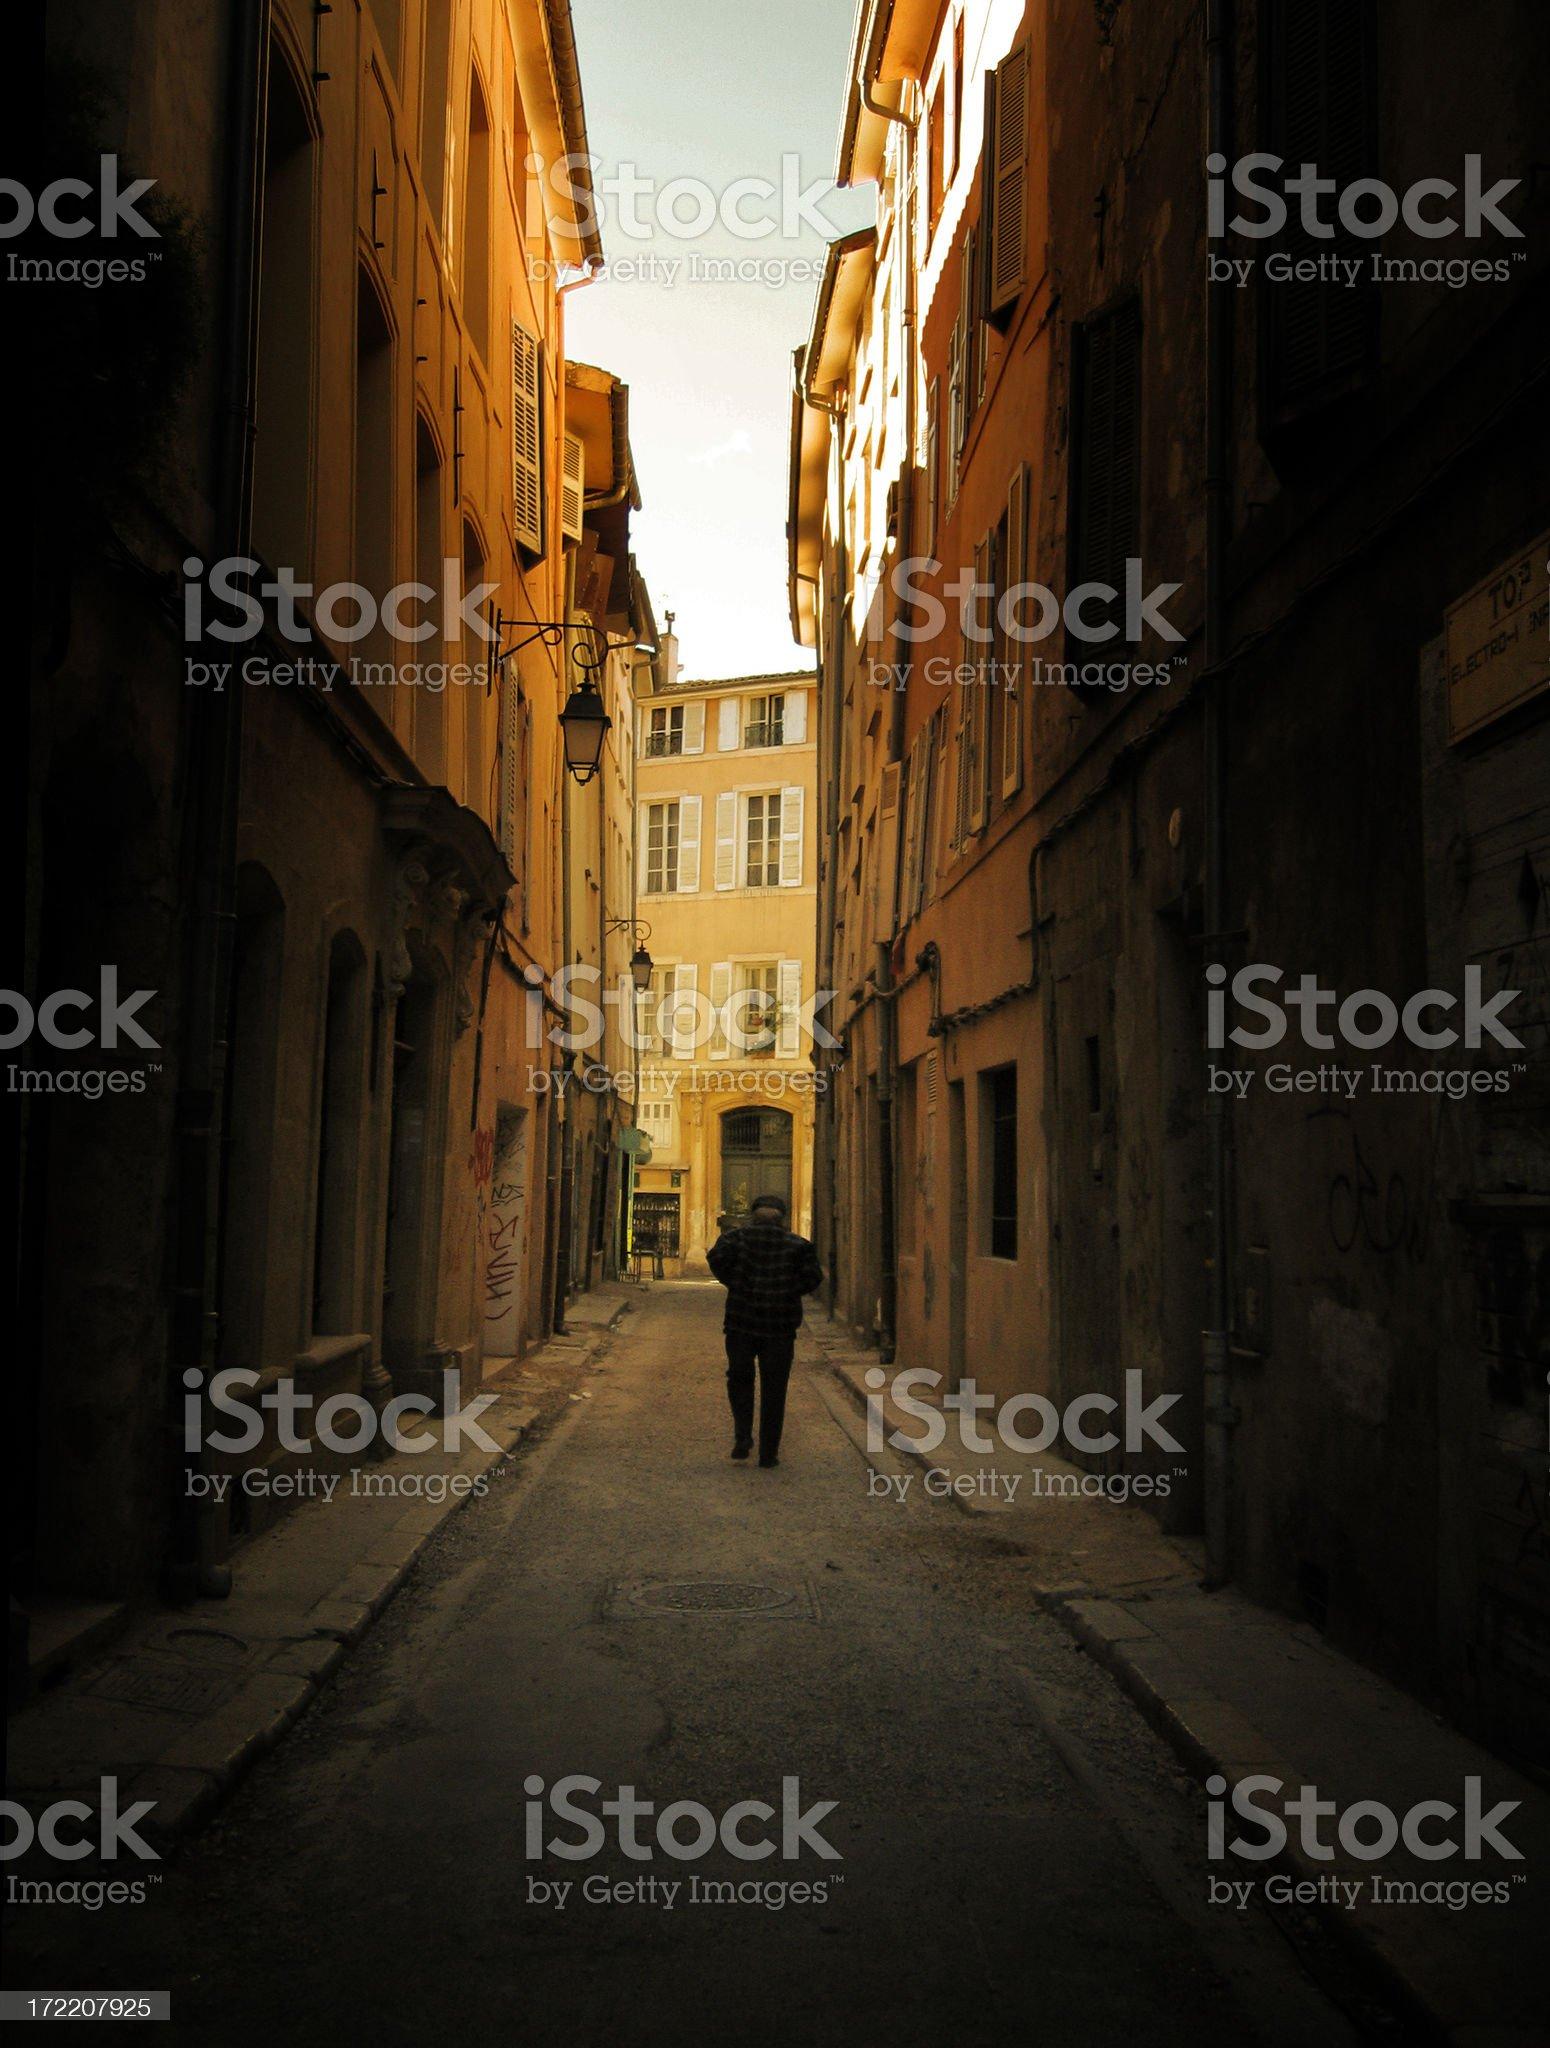 Narrow Streets royalty-free stock photo